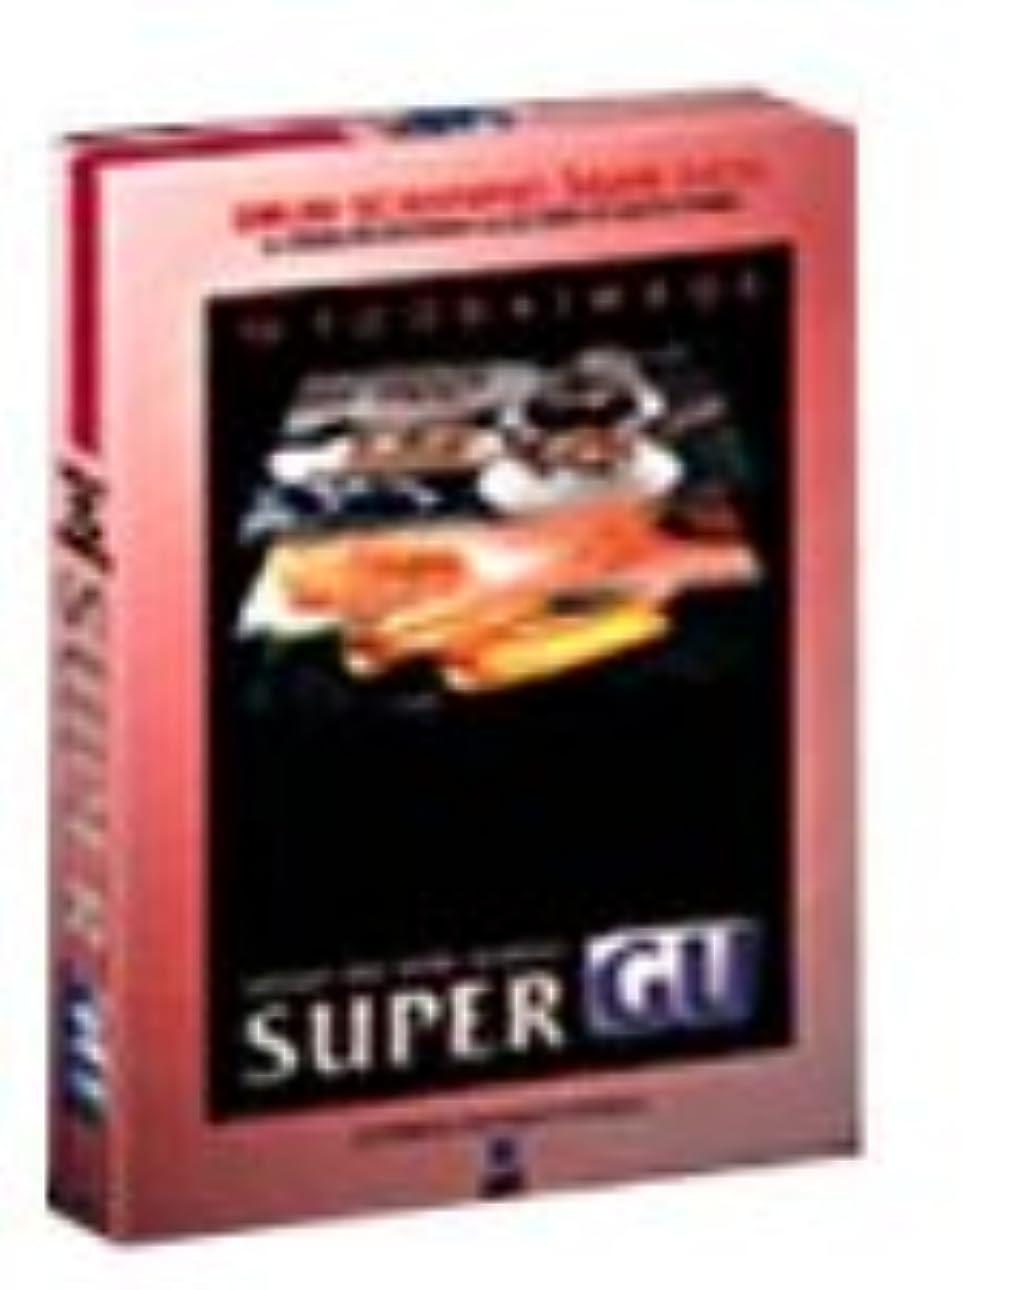 フリースお勧め傾向があるSUPER GU10 FOOD&IMAGE